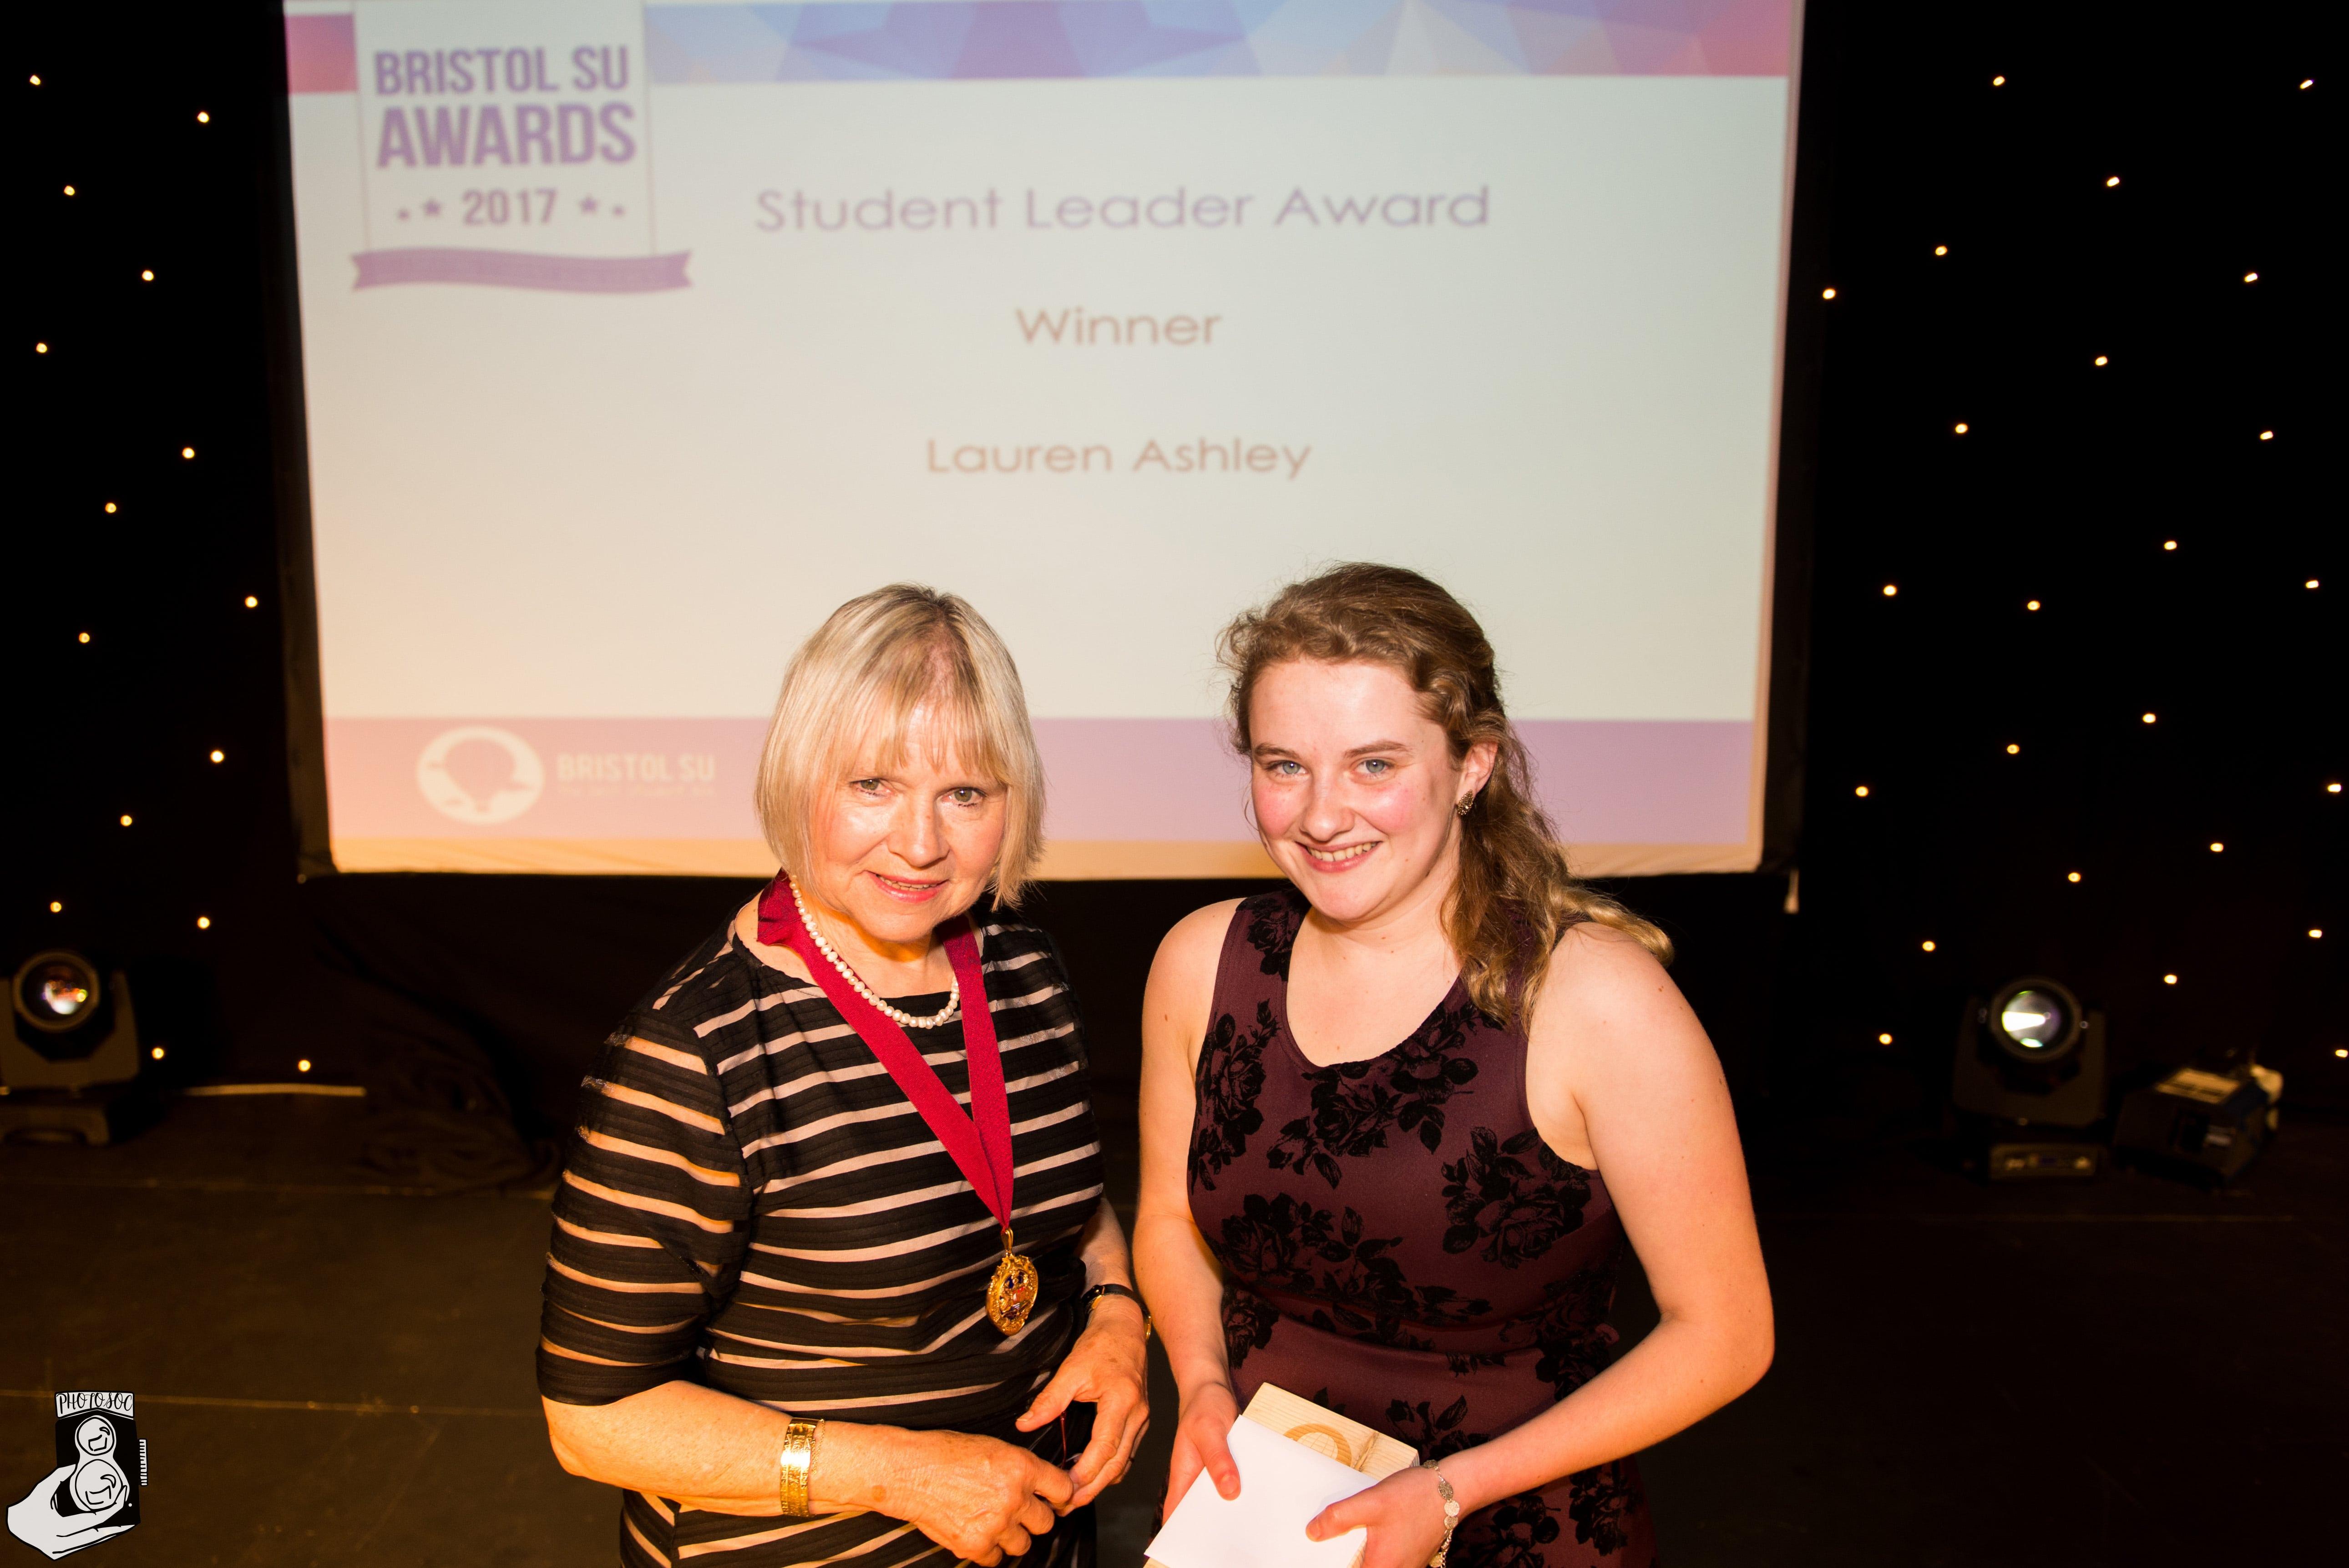 Lauren Ashley winning Student Leader award